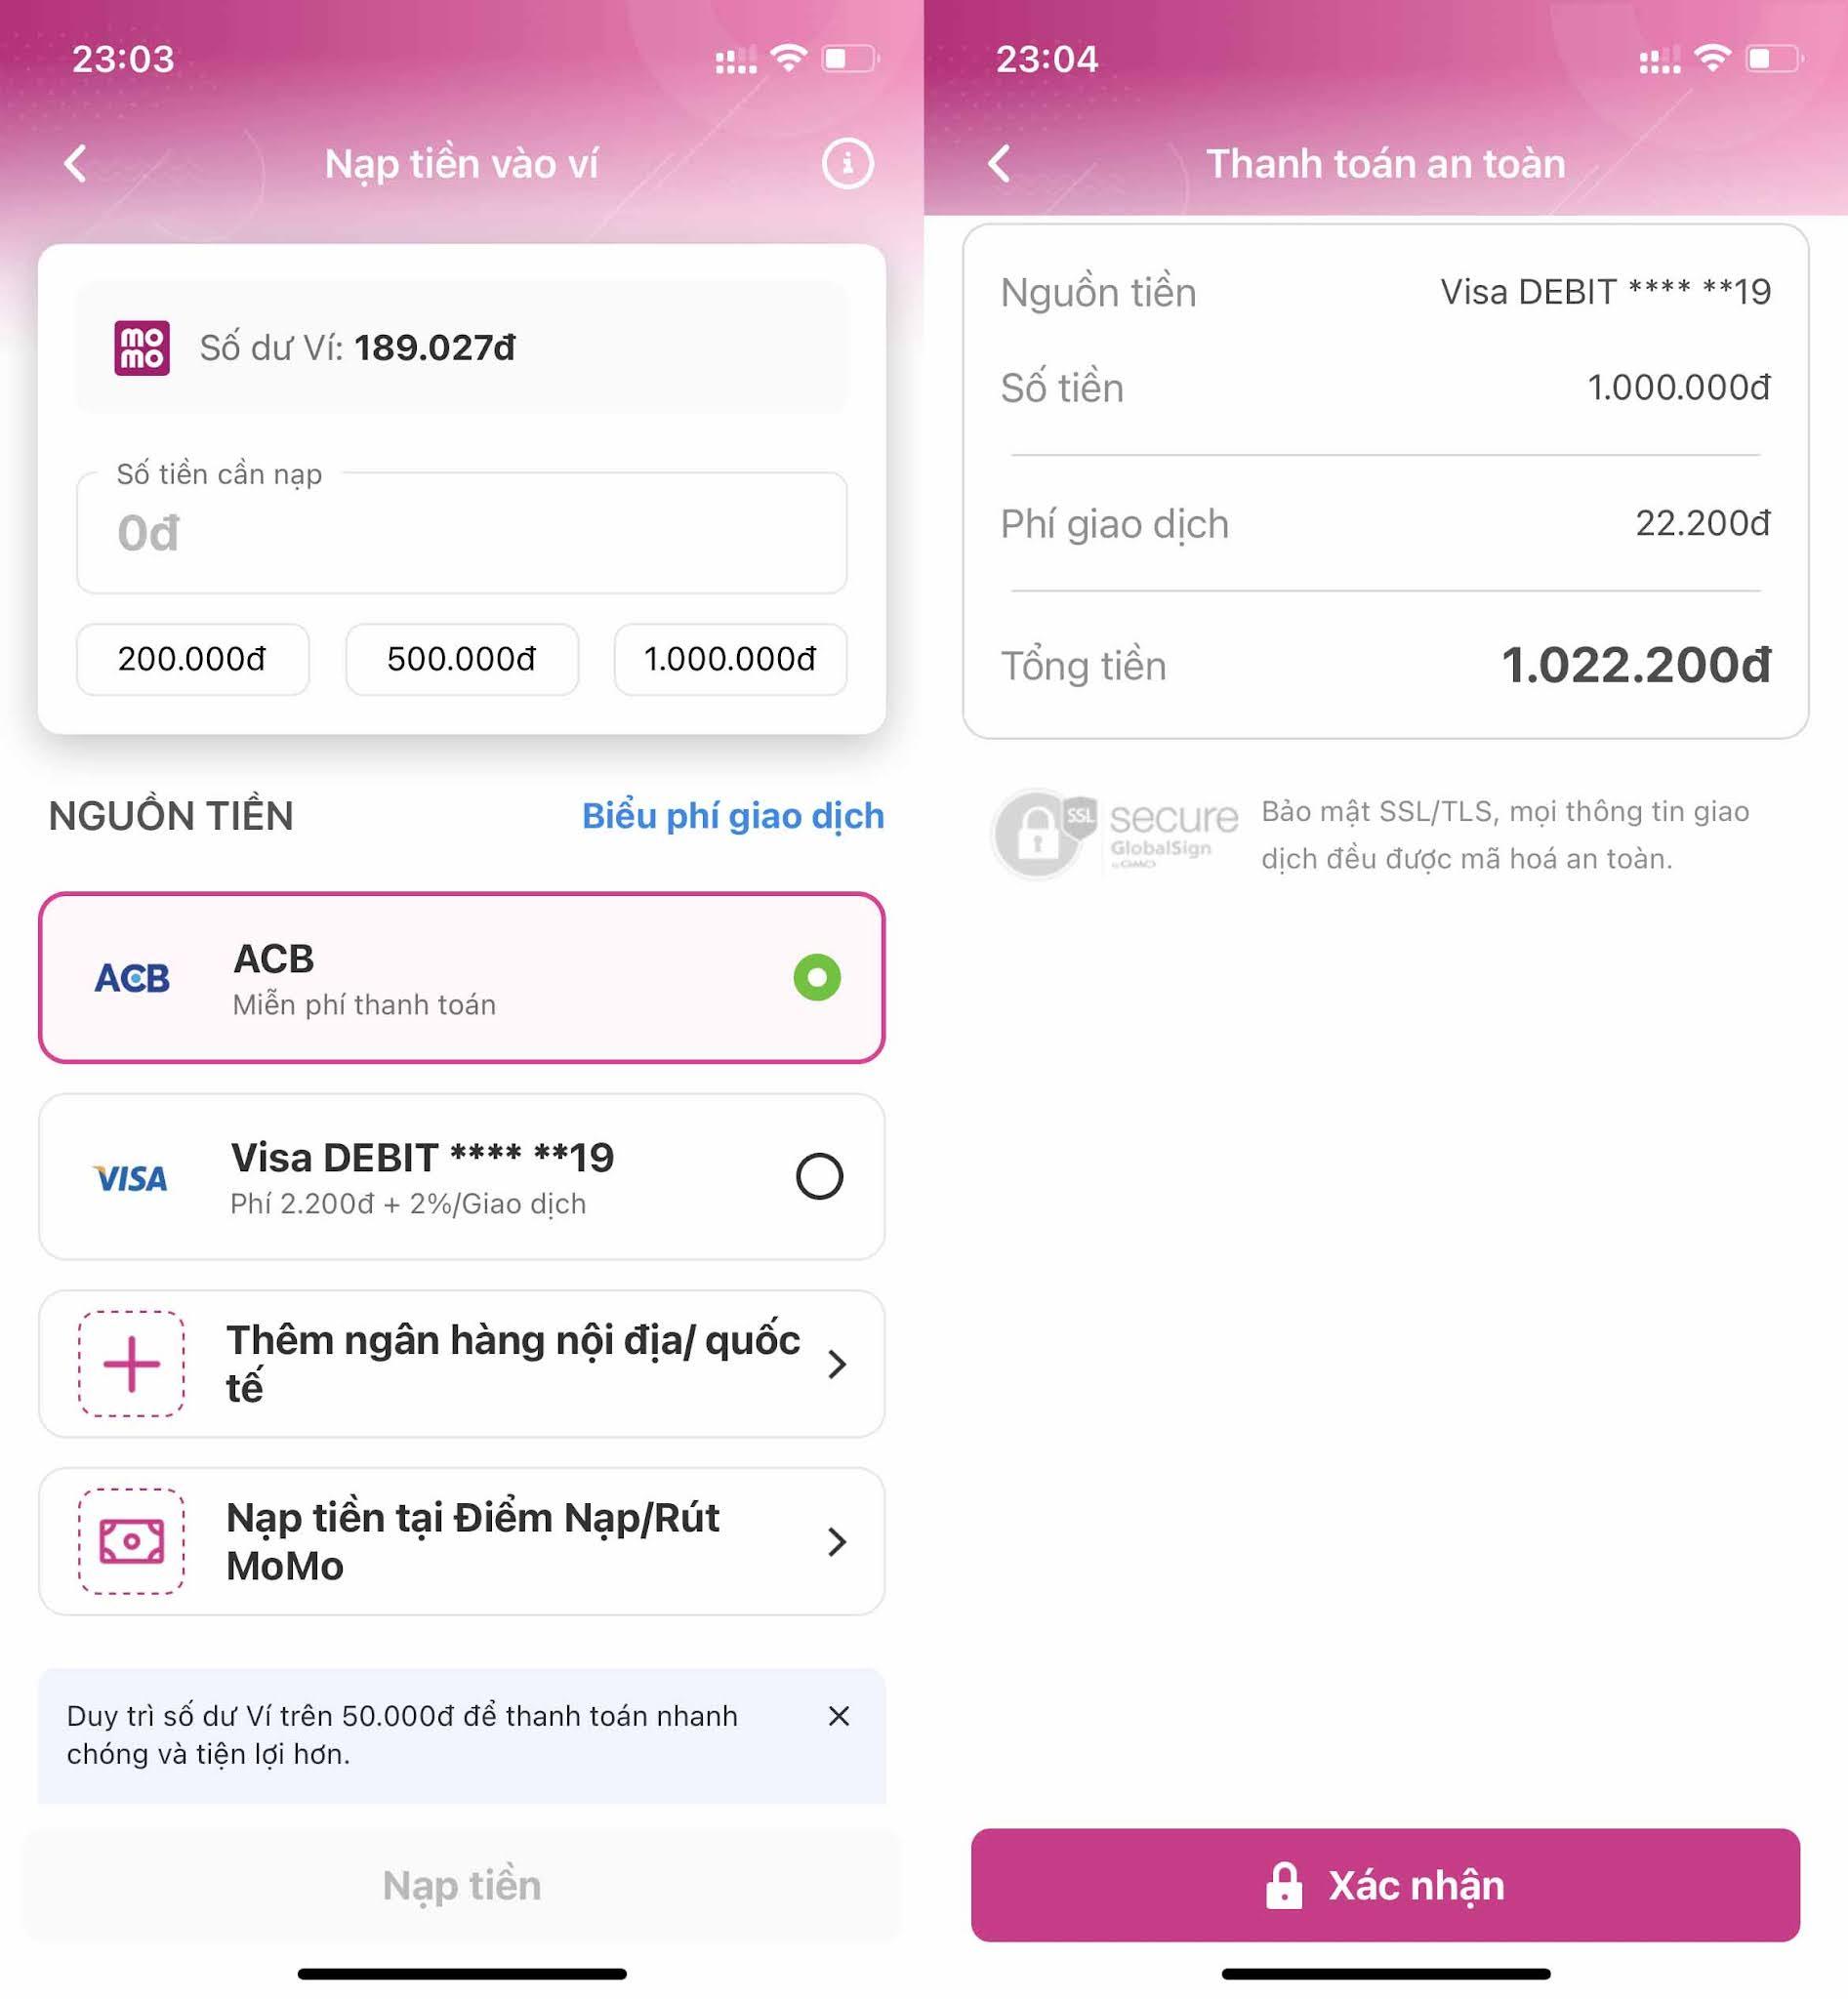 Cách thay đổi số điện thoại trên Ví Momo